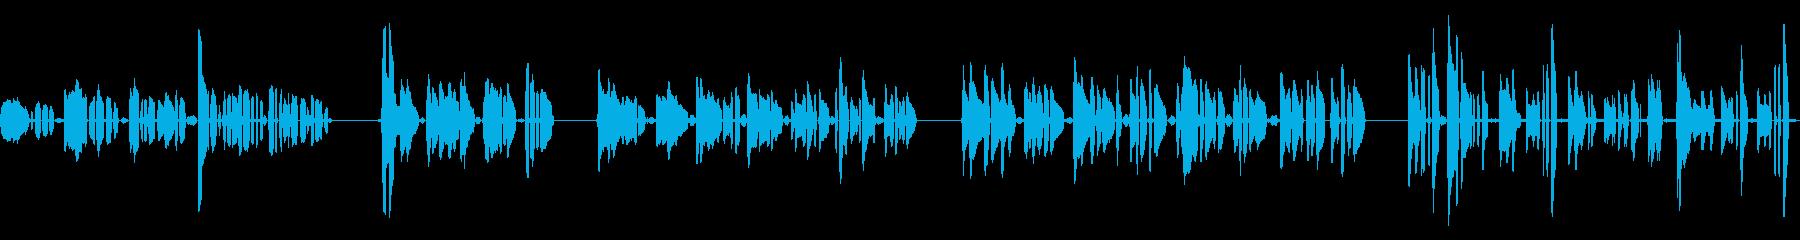 ハミングアチューン、ヒューマン、マ...の再生済みの波形